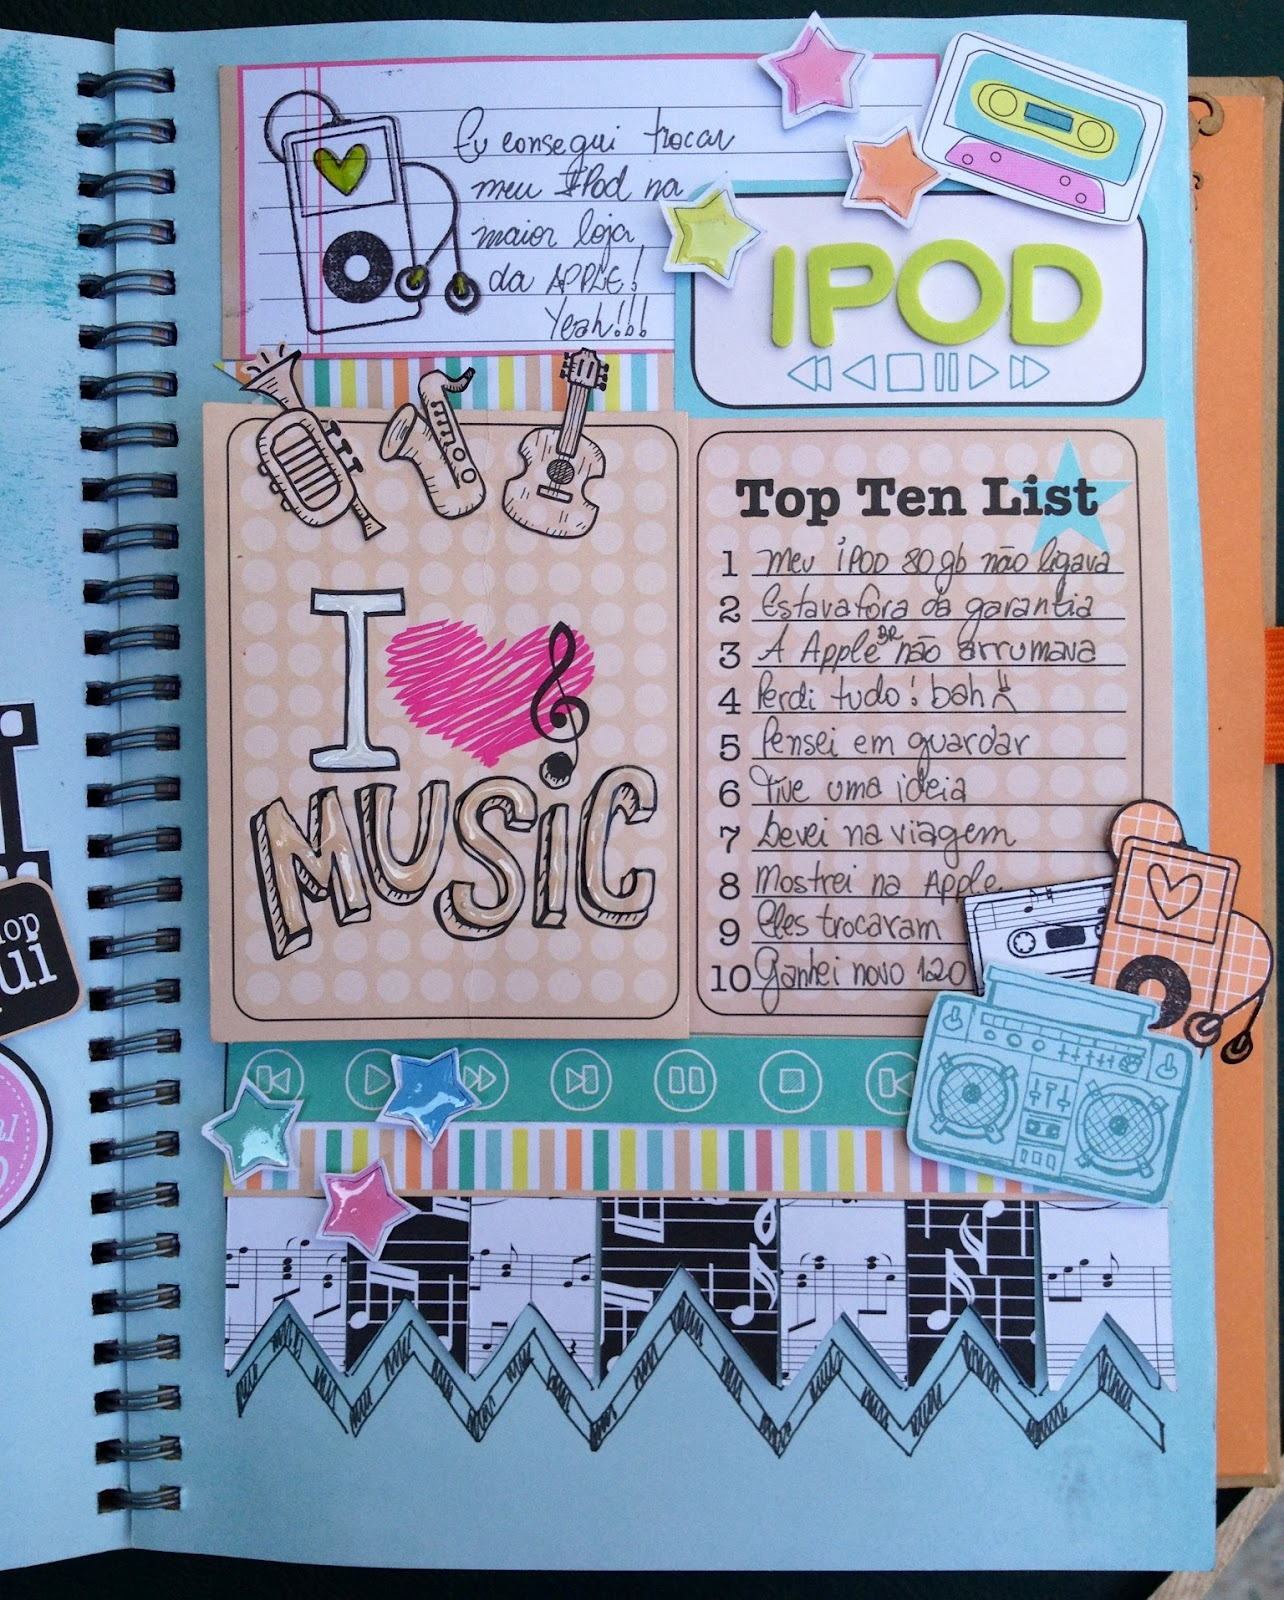 Идеи для личного дневника видео своими руками для девочек